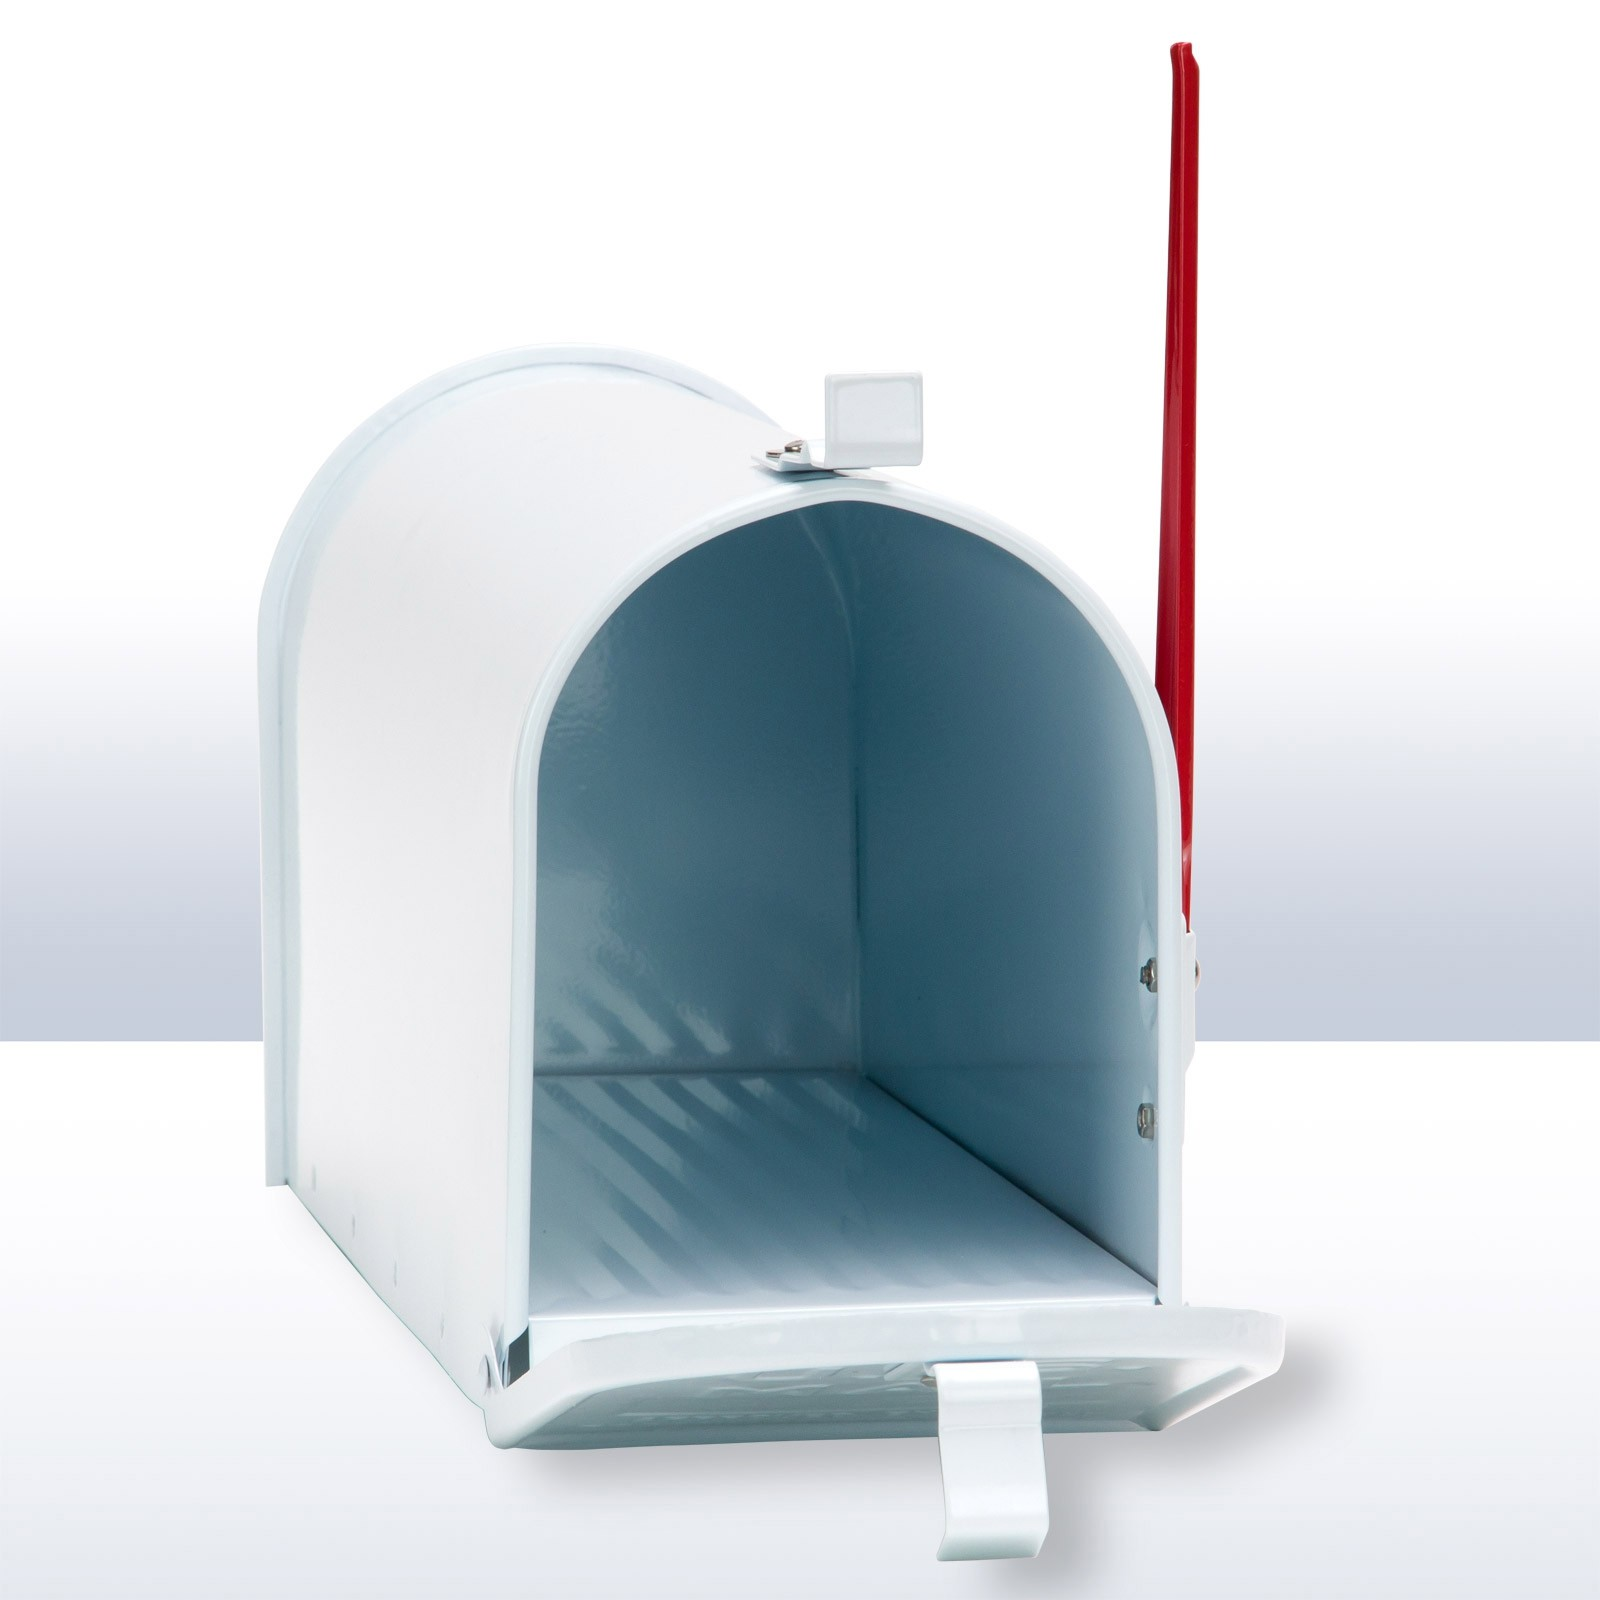 amerikanischer briefkasten american mailbox aus alu in wei. Black Bedroom Furniture Sets. Home Design Ideas